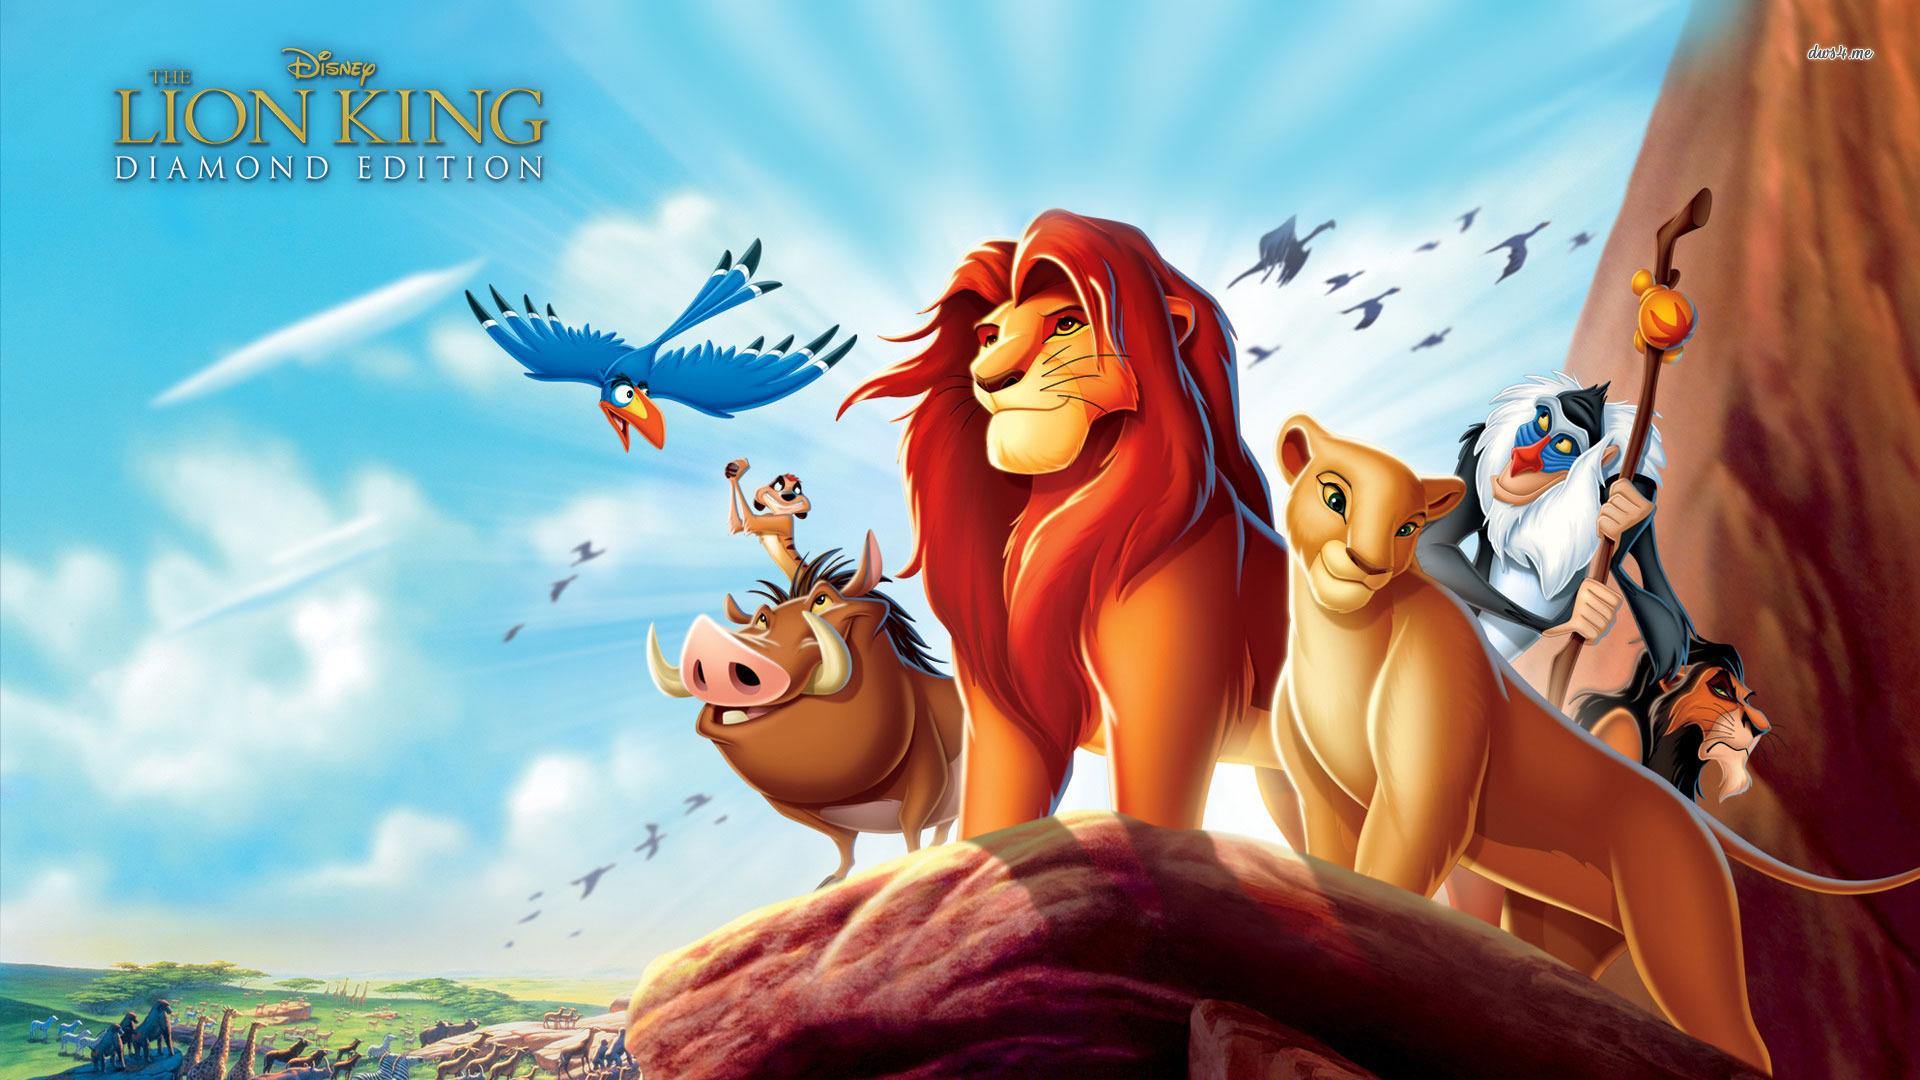 Lion King wallpaper 1280x800 The Lion King wallpaper 1366x768 The Lion 1920x1080